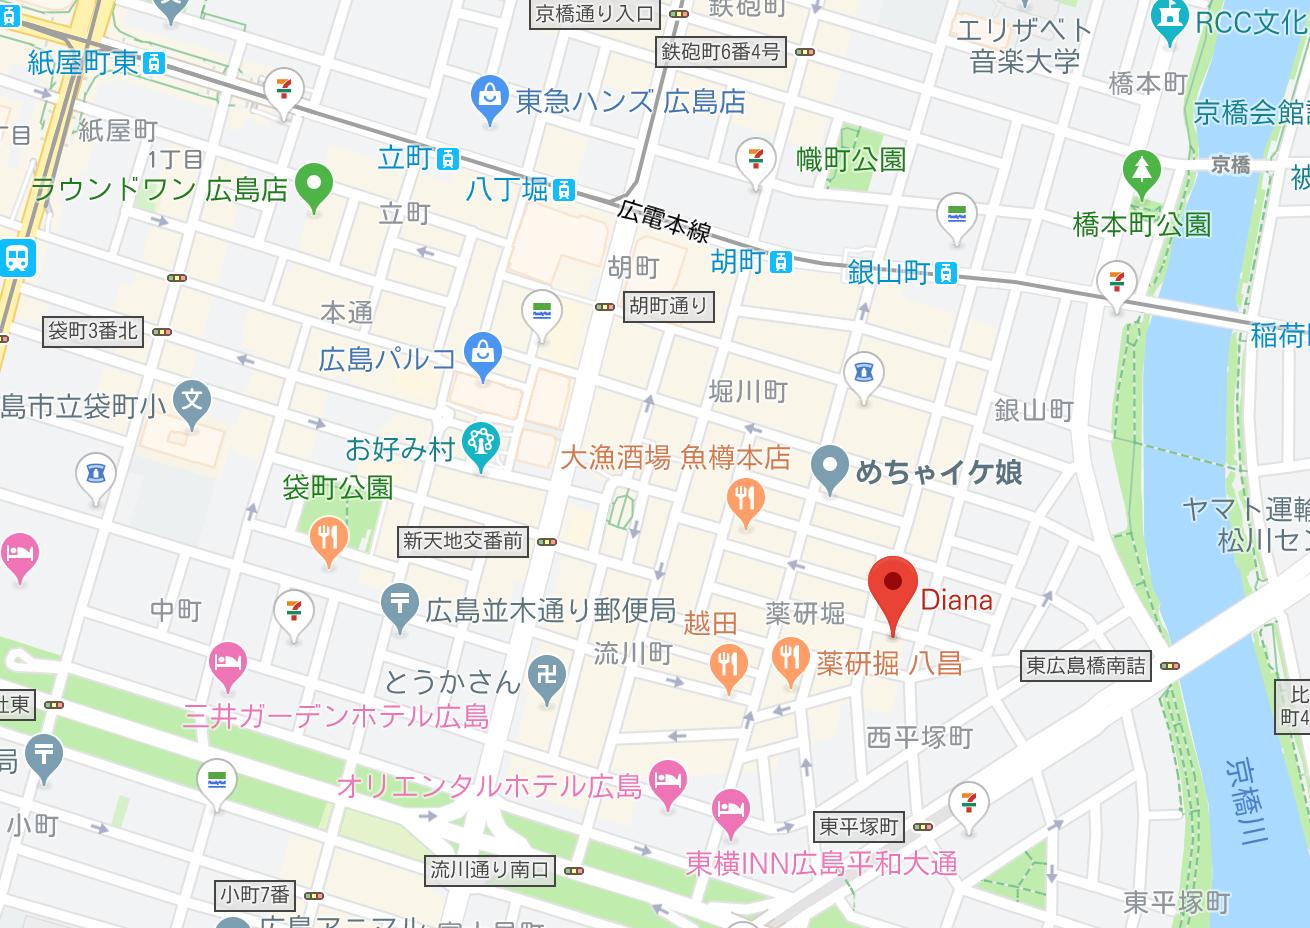 広島 マントル